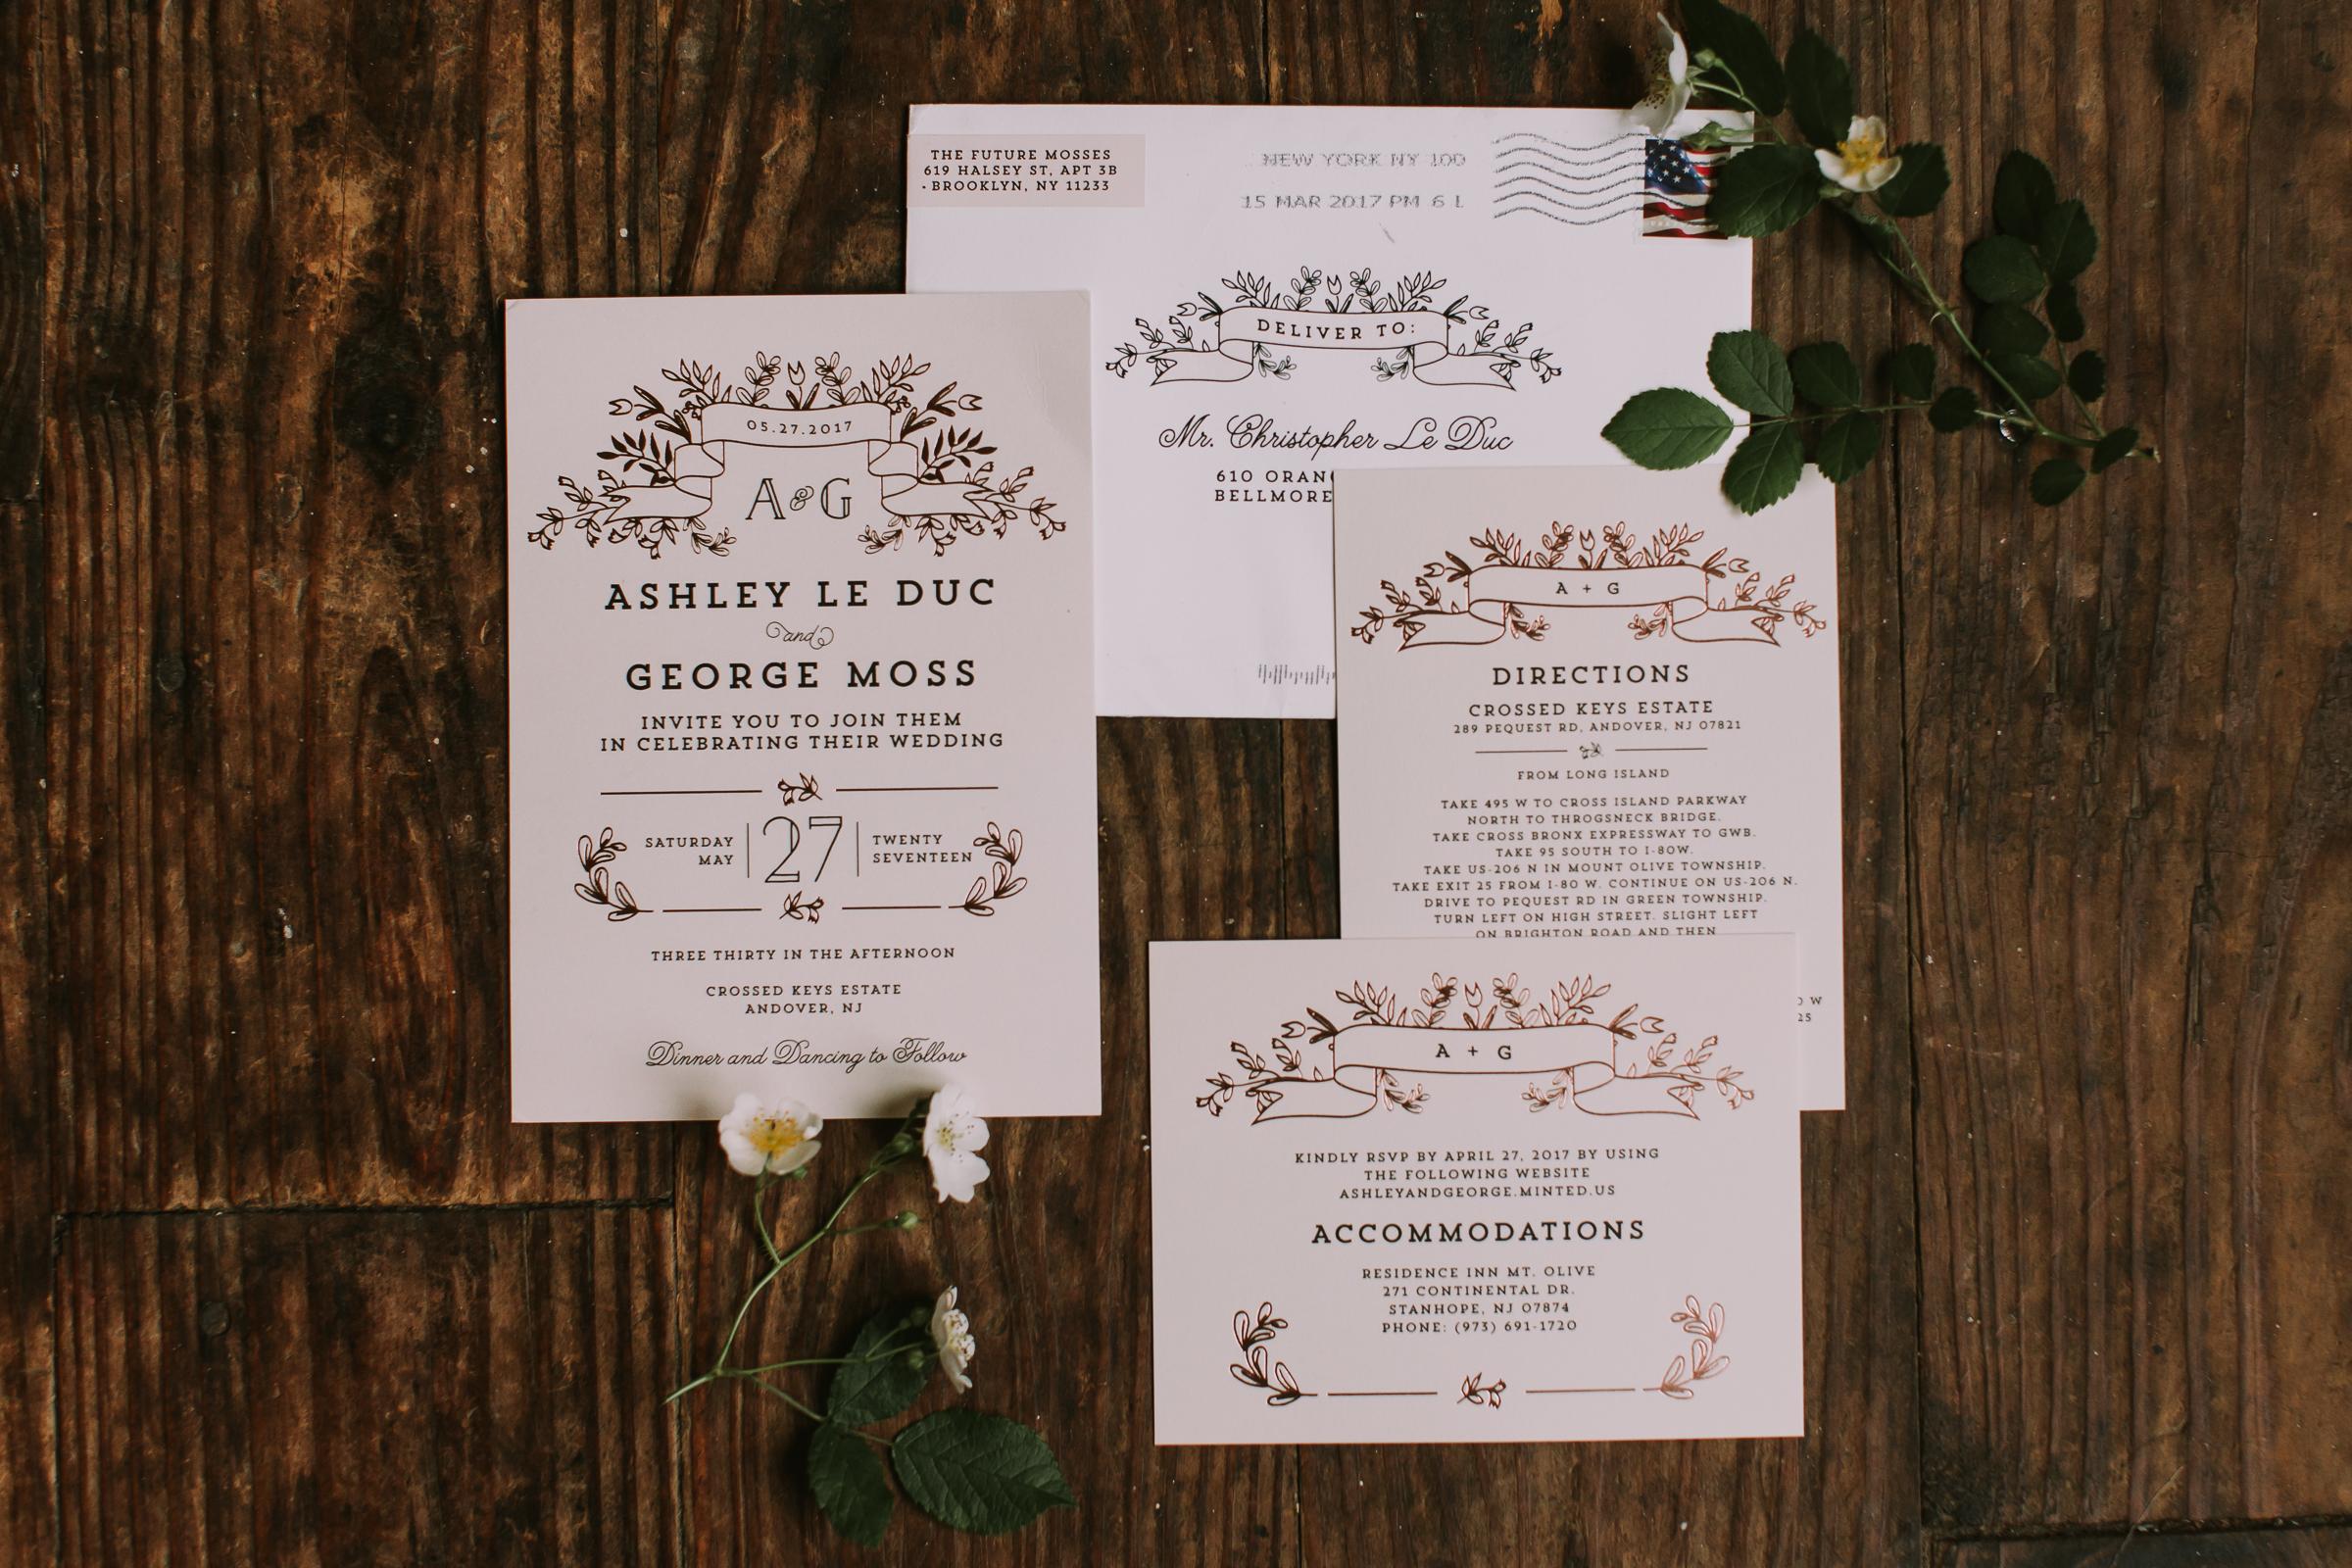 Crossed-Keys-Estate-Andover-NJ-Fine-Art-Documentary-Wedding-Photographer-6.jpg